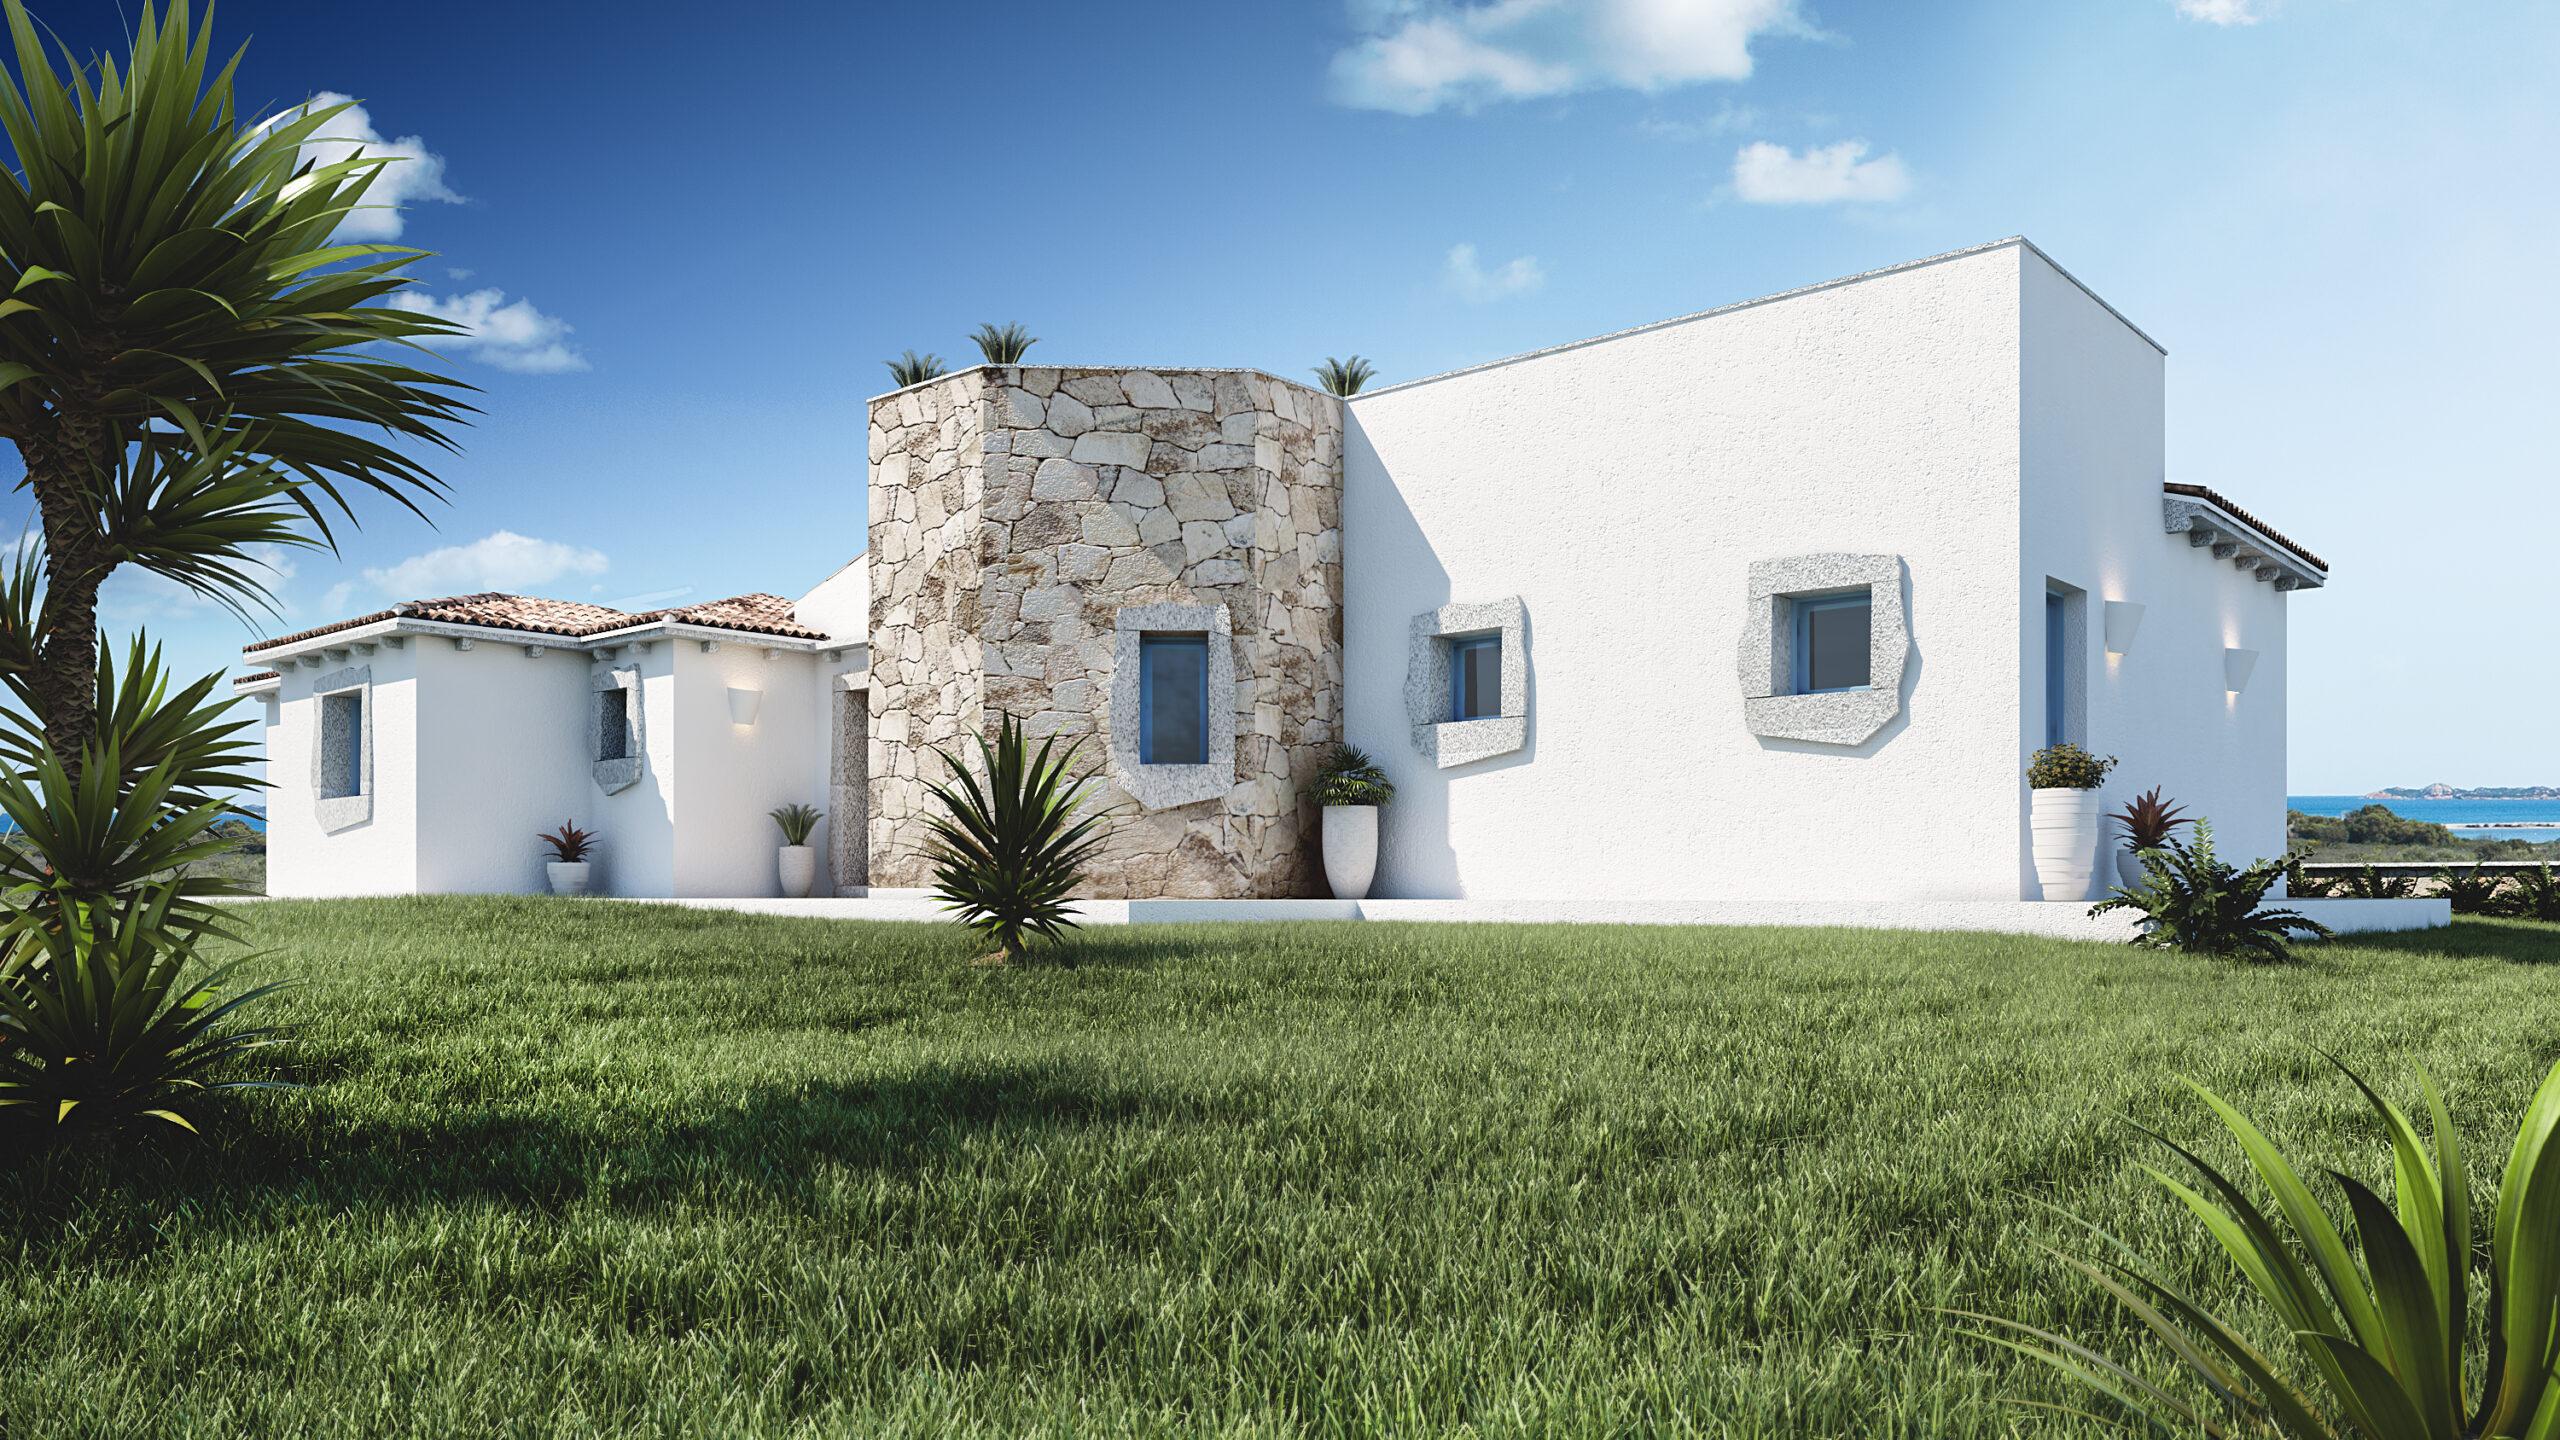 Rif.6576 - Villaggio in vendita, località Punta Saline, Olbia